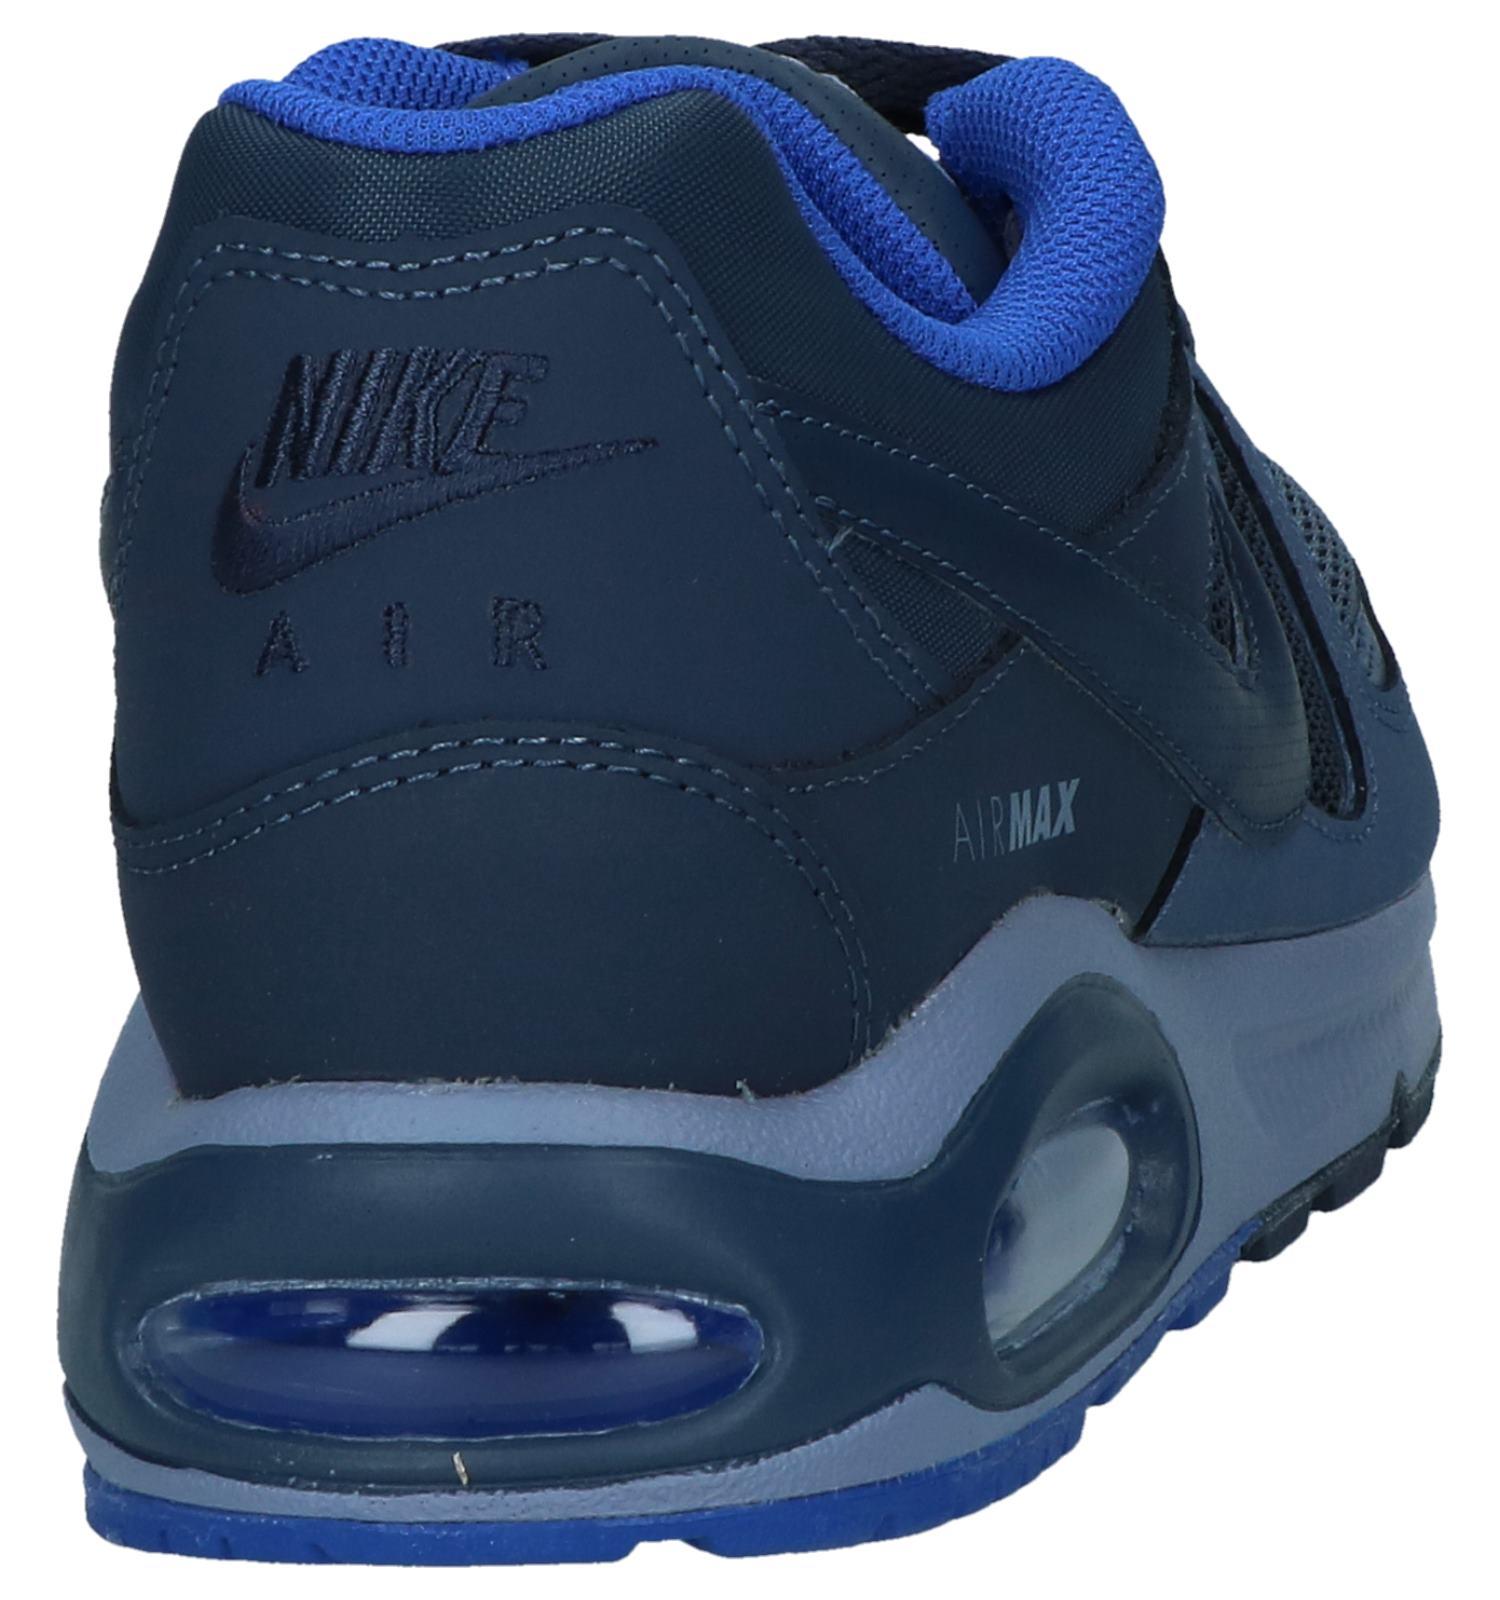 2200edda0b2 Blauwe Sneakers Nike Air Max Command | TORFS.BE | Gratis verzend en retour